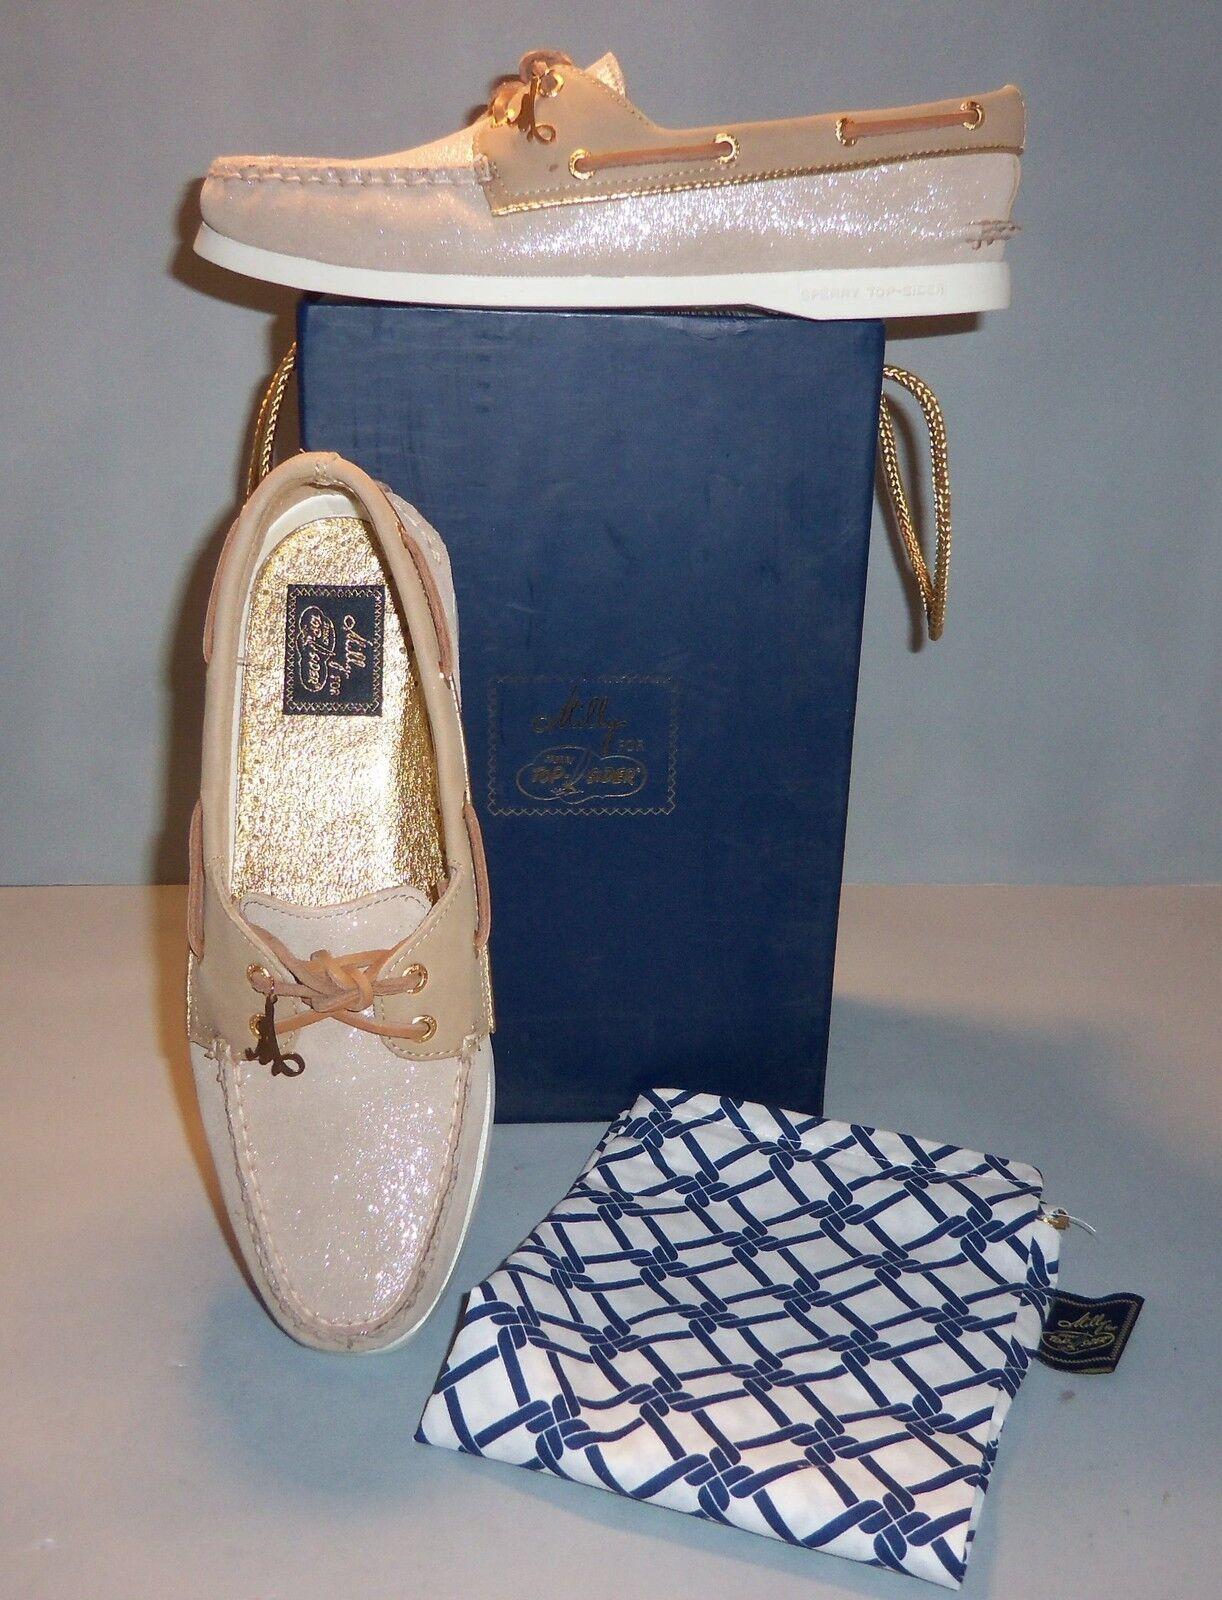 seleziona tra le nuove marche come Milly for Sperry Donna    Top-Sider Taupe Sparkle Suede Boat scarpe DimensioneS  NIB NEW  risparmia il 35% - 70% di sconto